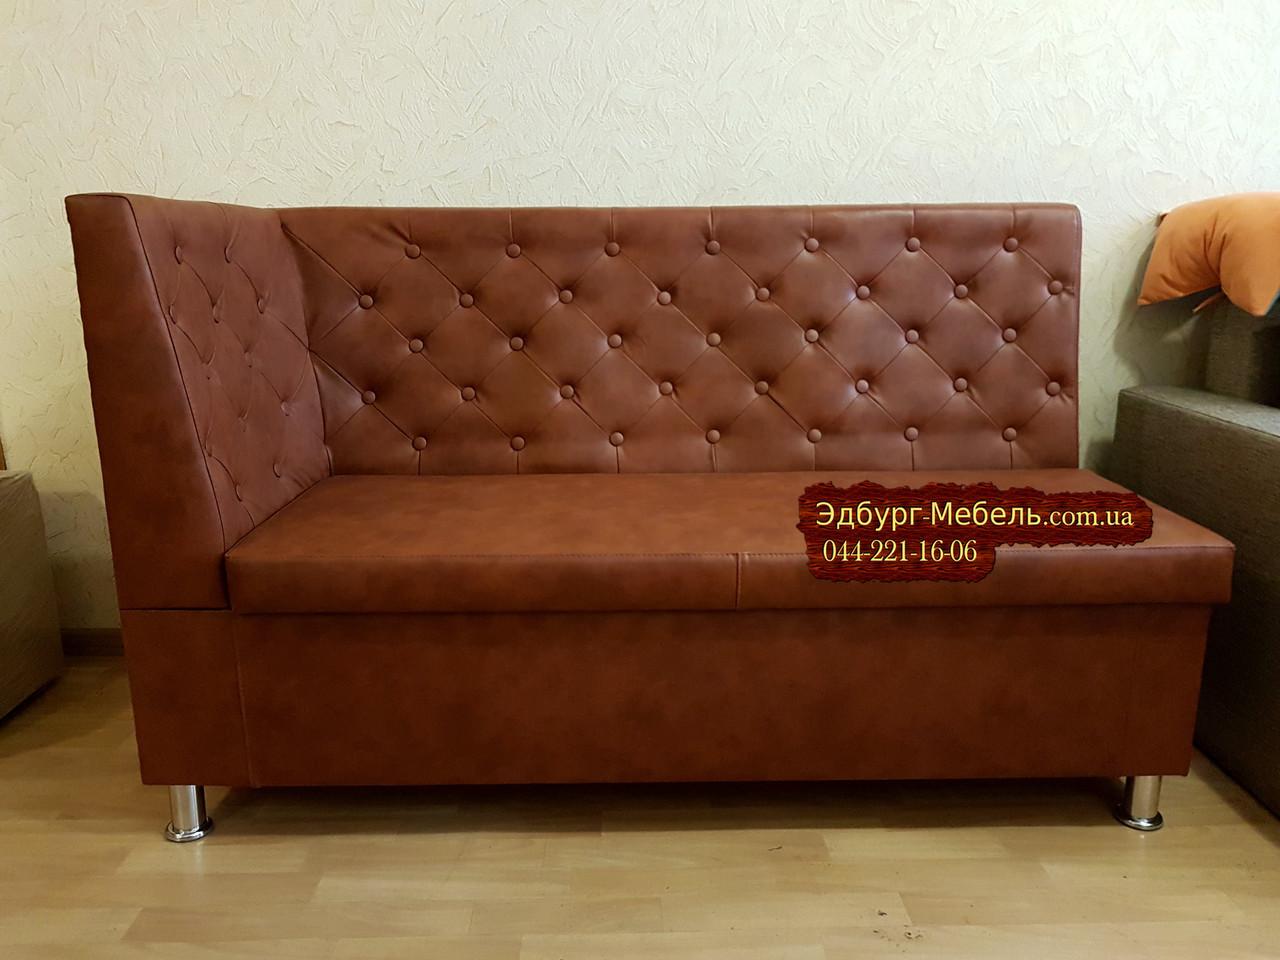 Кухонний диван, лавка з скринькою Ренесанс 150х60см